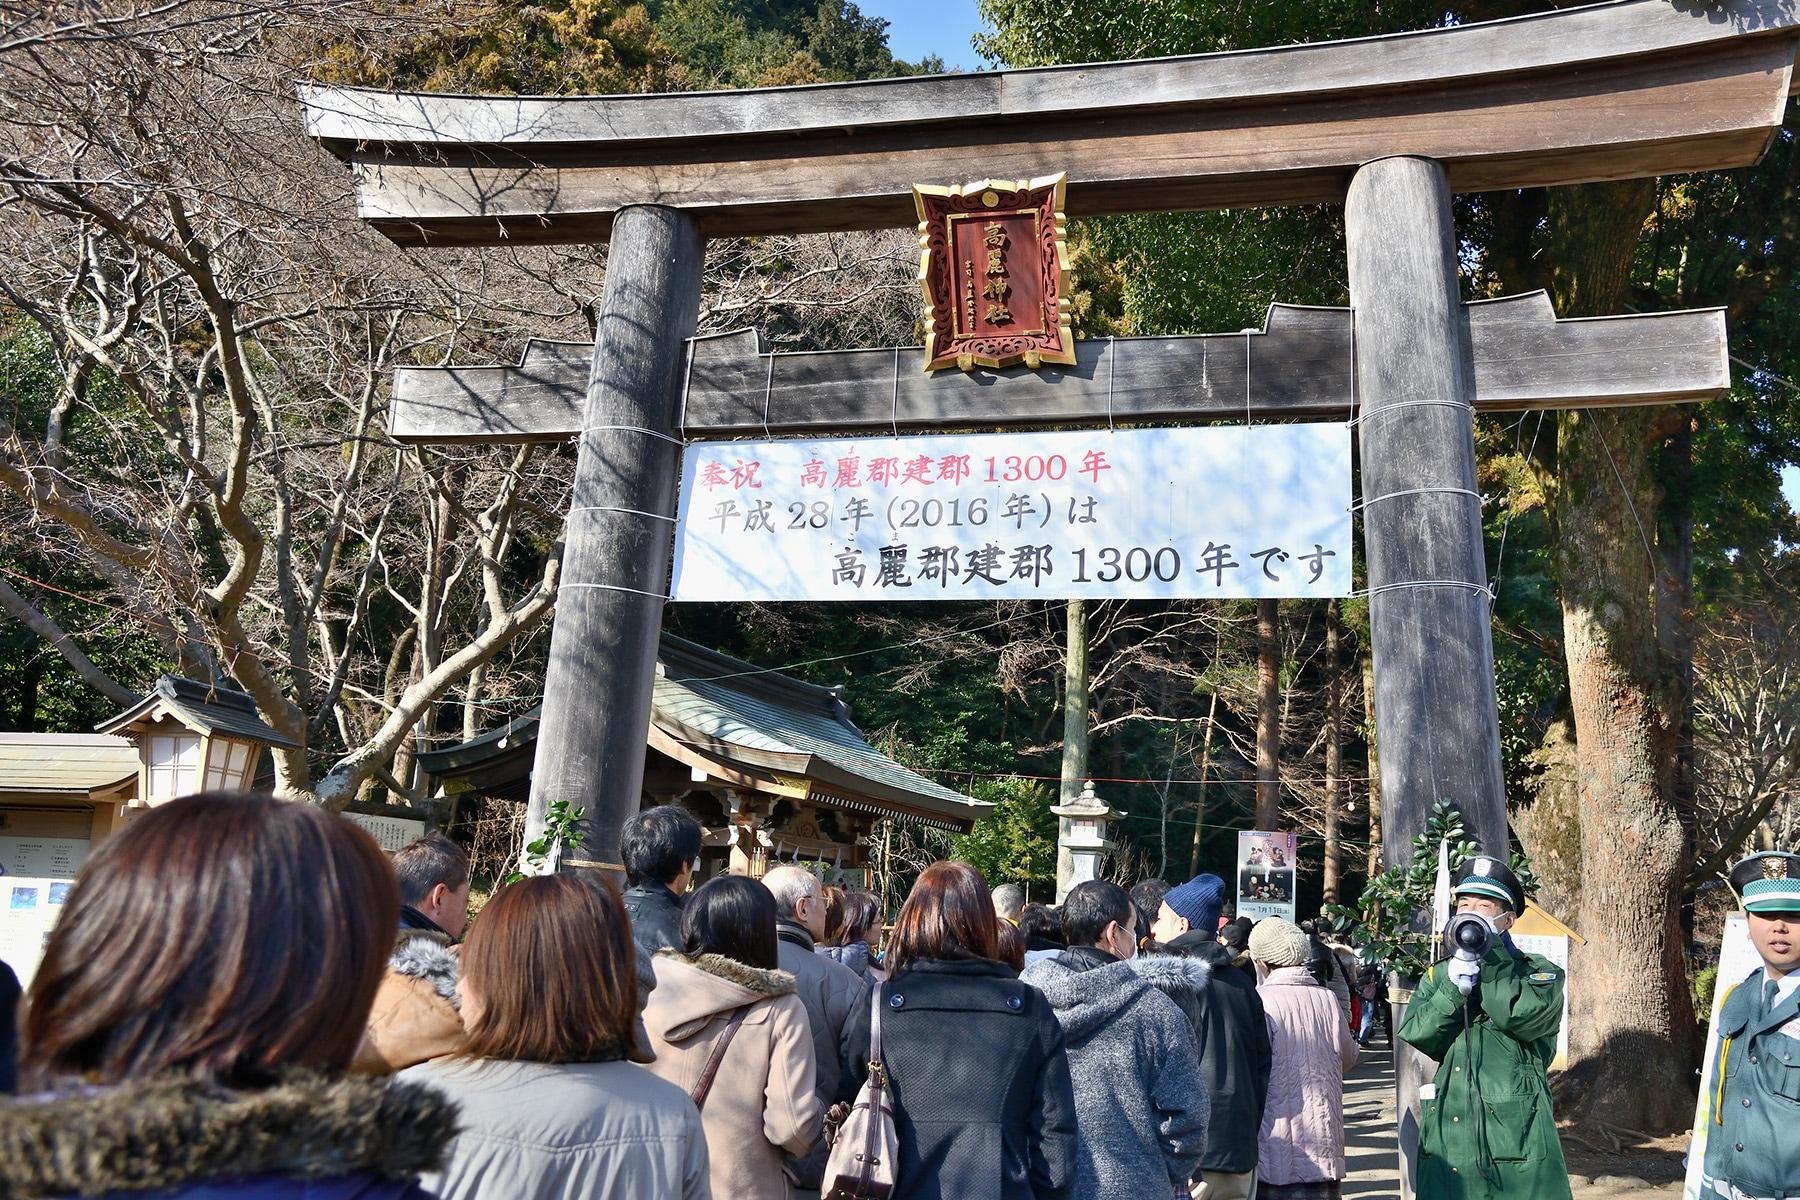 新年・初詣 高麗神社(こまじんじゃ)